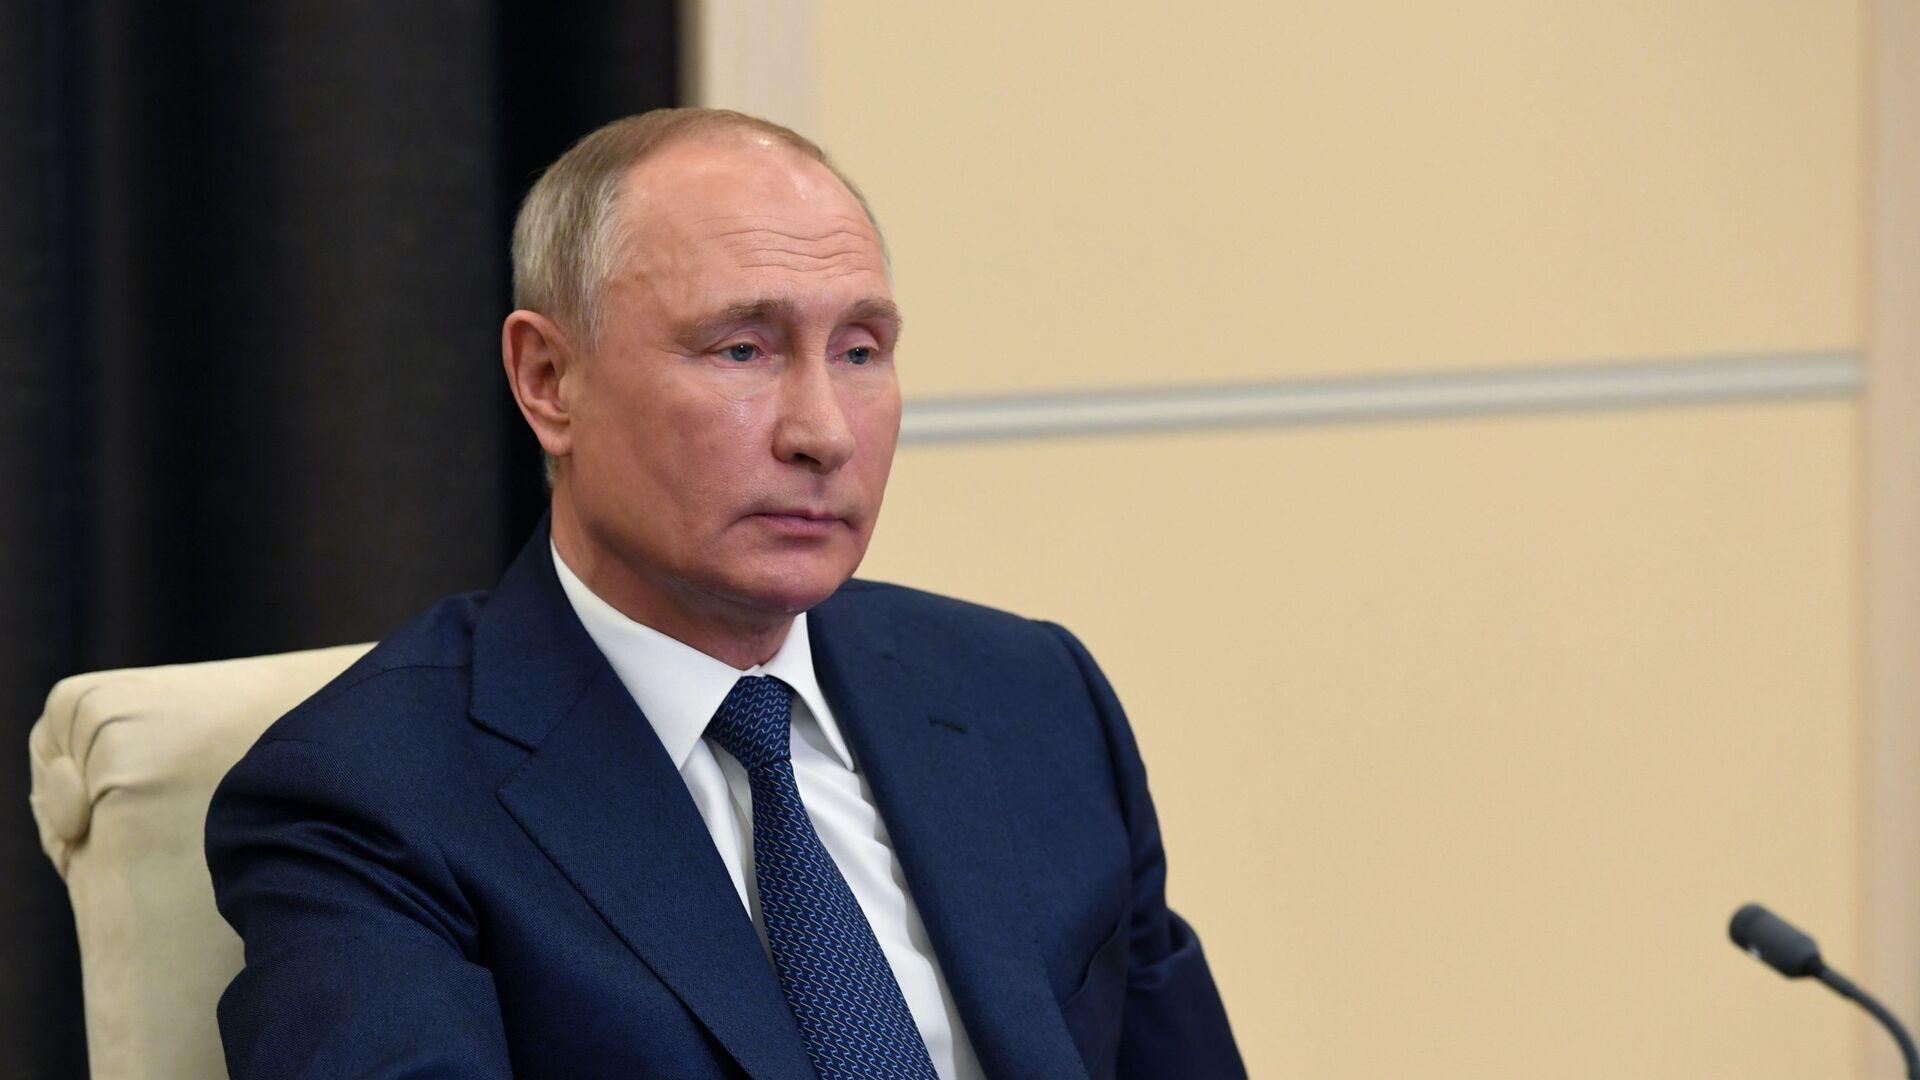 El presidente ruso, Vladímir Putin, en una conferencia en línea sobre inteligencia artificial - Sputnik Mundo, 1920, 31.03.2021